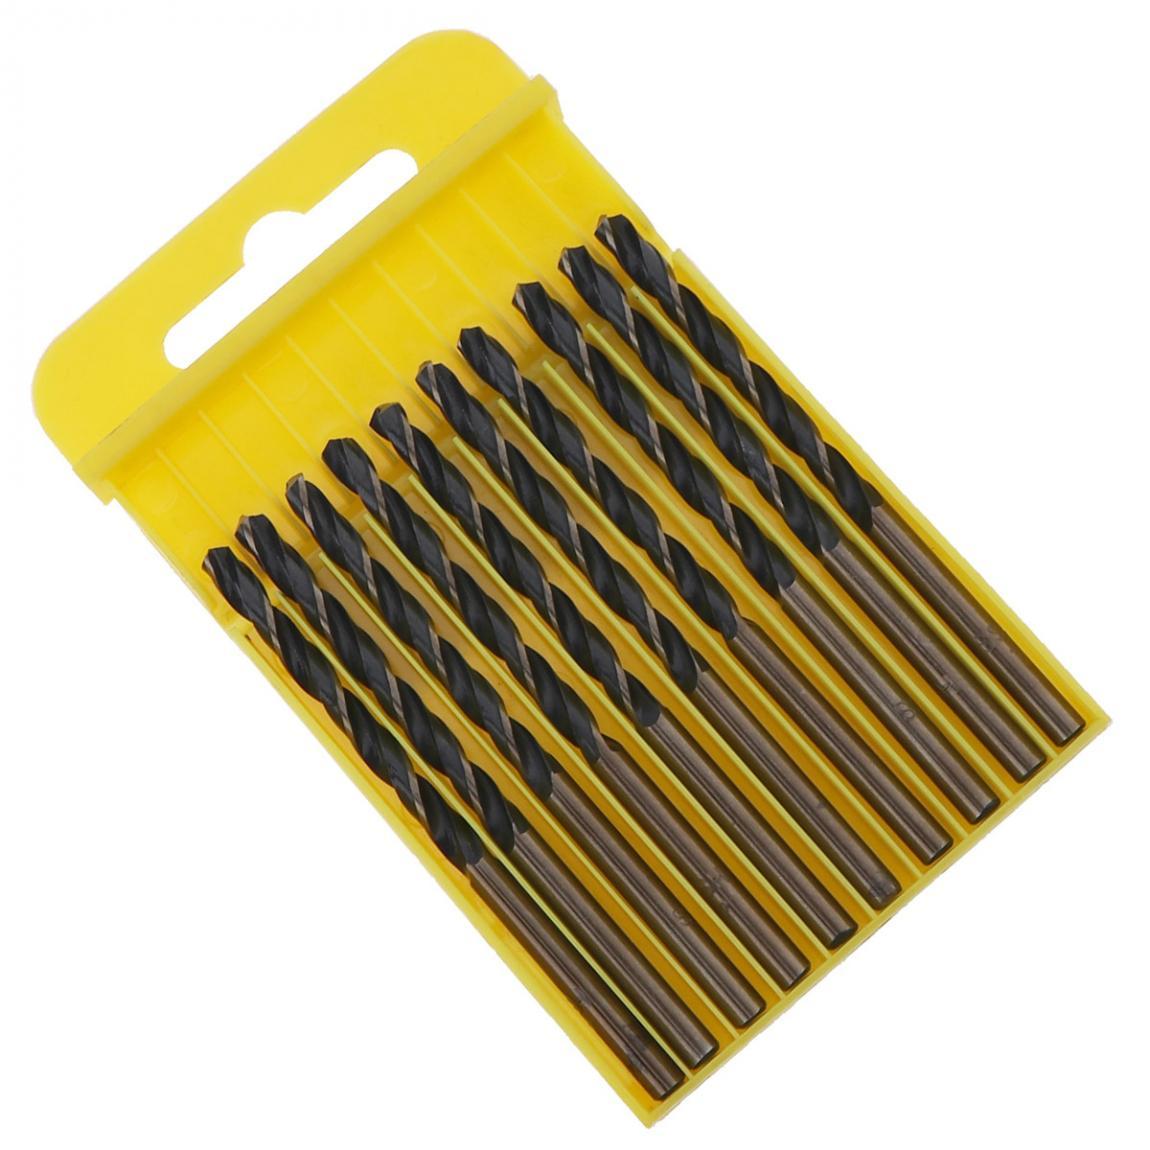 10 шт. 4 мм высокоскоростной Сталь биты с хвоствик и содержащие Кобальт головы для скамейке дрель /ручная дрель